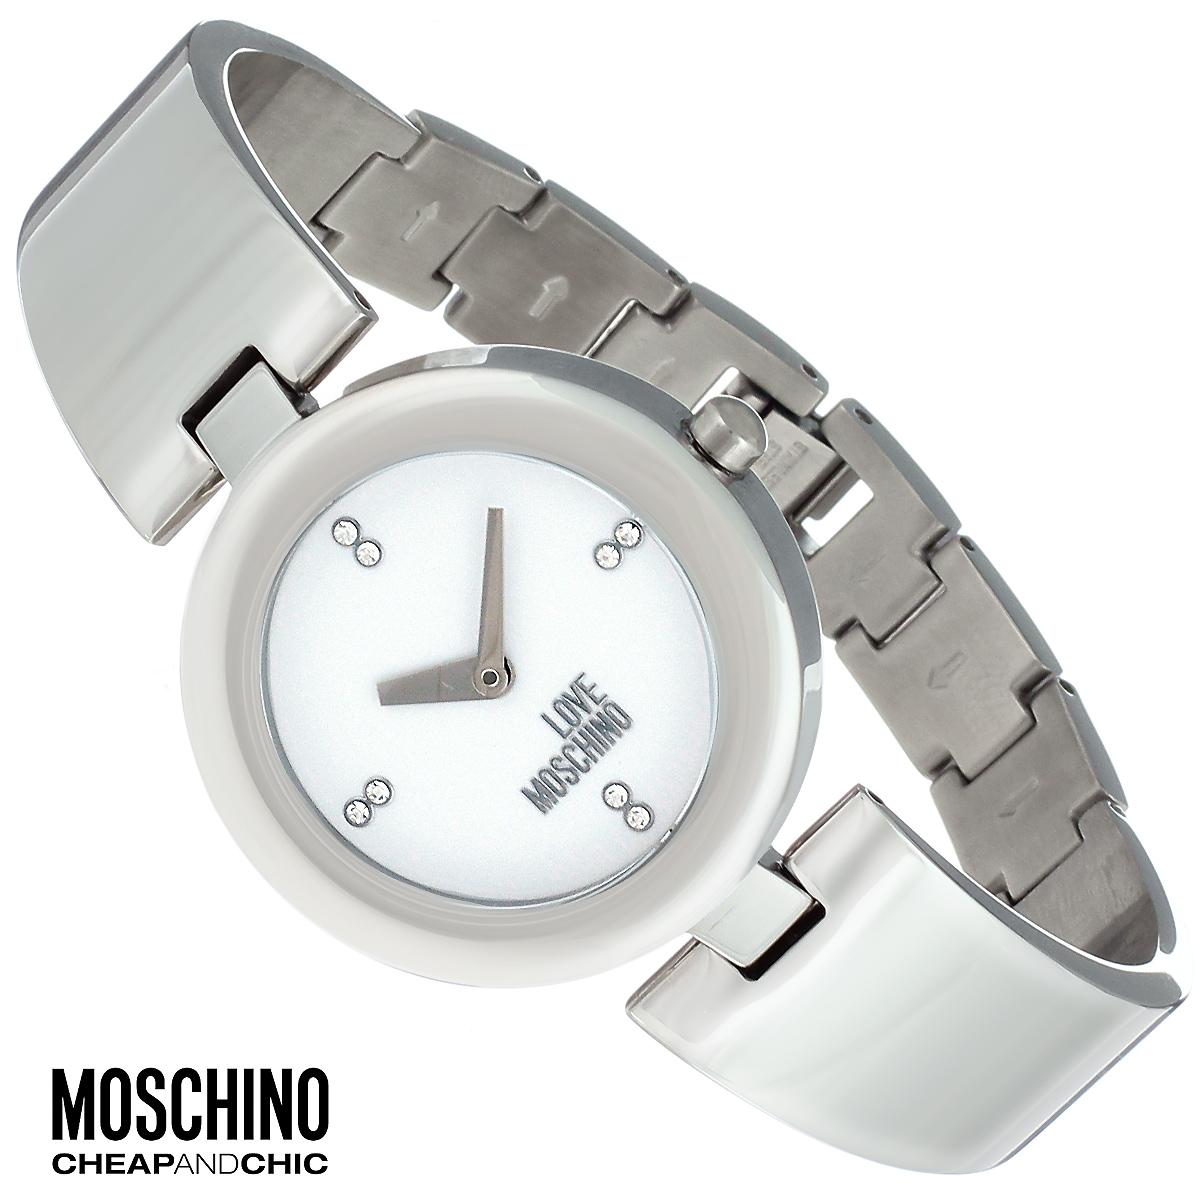 Часы женские наручные Moschino, цвет: серебристый. MW0423MW0423Наручные часы от известного итальянского бренда Moschino - это не только стильный и функциональный аксессуар, но и современные технологи, сочетающиеся с экстравагантным дизайном и индивидуальностью. Часы Moschino оснащены кварцевым механизмом. Корпус выполнен из высококачественной нержавеющей стали. Циферблат оформлен отметками из страз, надписью Love Moschino защищен минеральным стеклом. Часы имеют две стрелки - часовую и минутную. Браслет часов выполнен из нержавеющей стали и оснащен ювелирной застежкой. Часы упакованы в фирменную металлическую коробку с логотипом бренда. Часы Moschino благодаря своему уникальному дизайну отличаются от часов других марок своеобразными циферблатами, функциональностью, а также набором уникальных технических свойств. Каждой модели присуща легкая экстравагантность, самобытность и, безусловно, великолепный вкус. Характеристики: Диаметр циферблата: 2,5 см. Размер корпуса: 3,3 см х 4 см х 0,7...